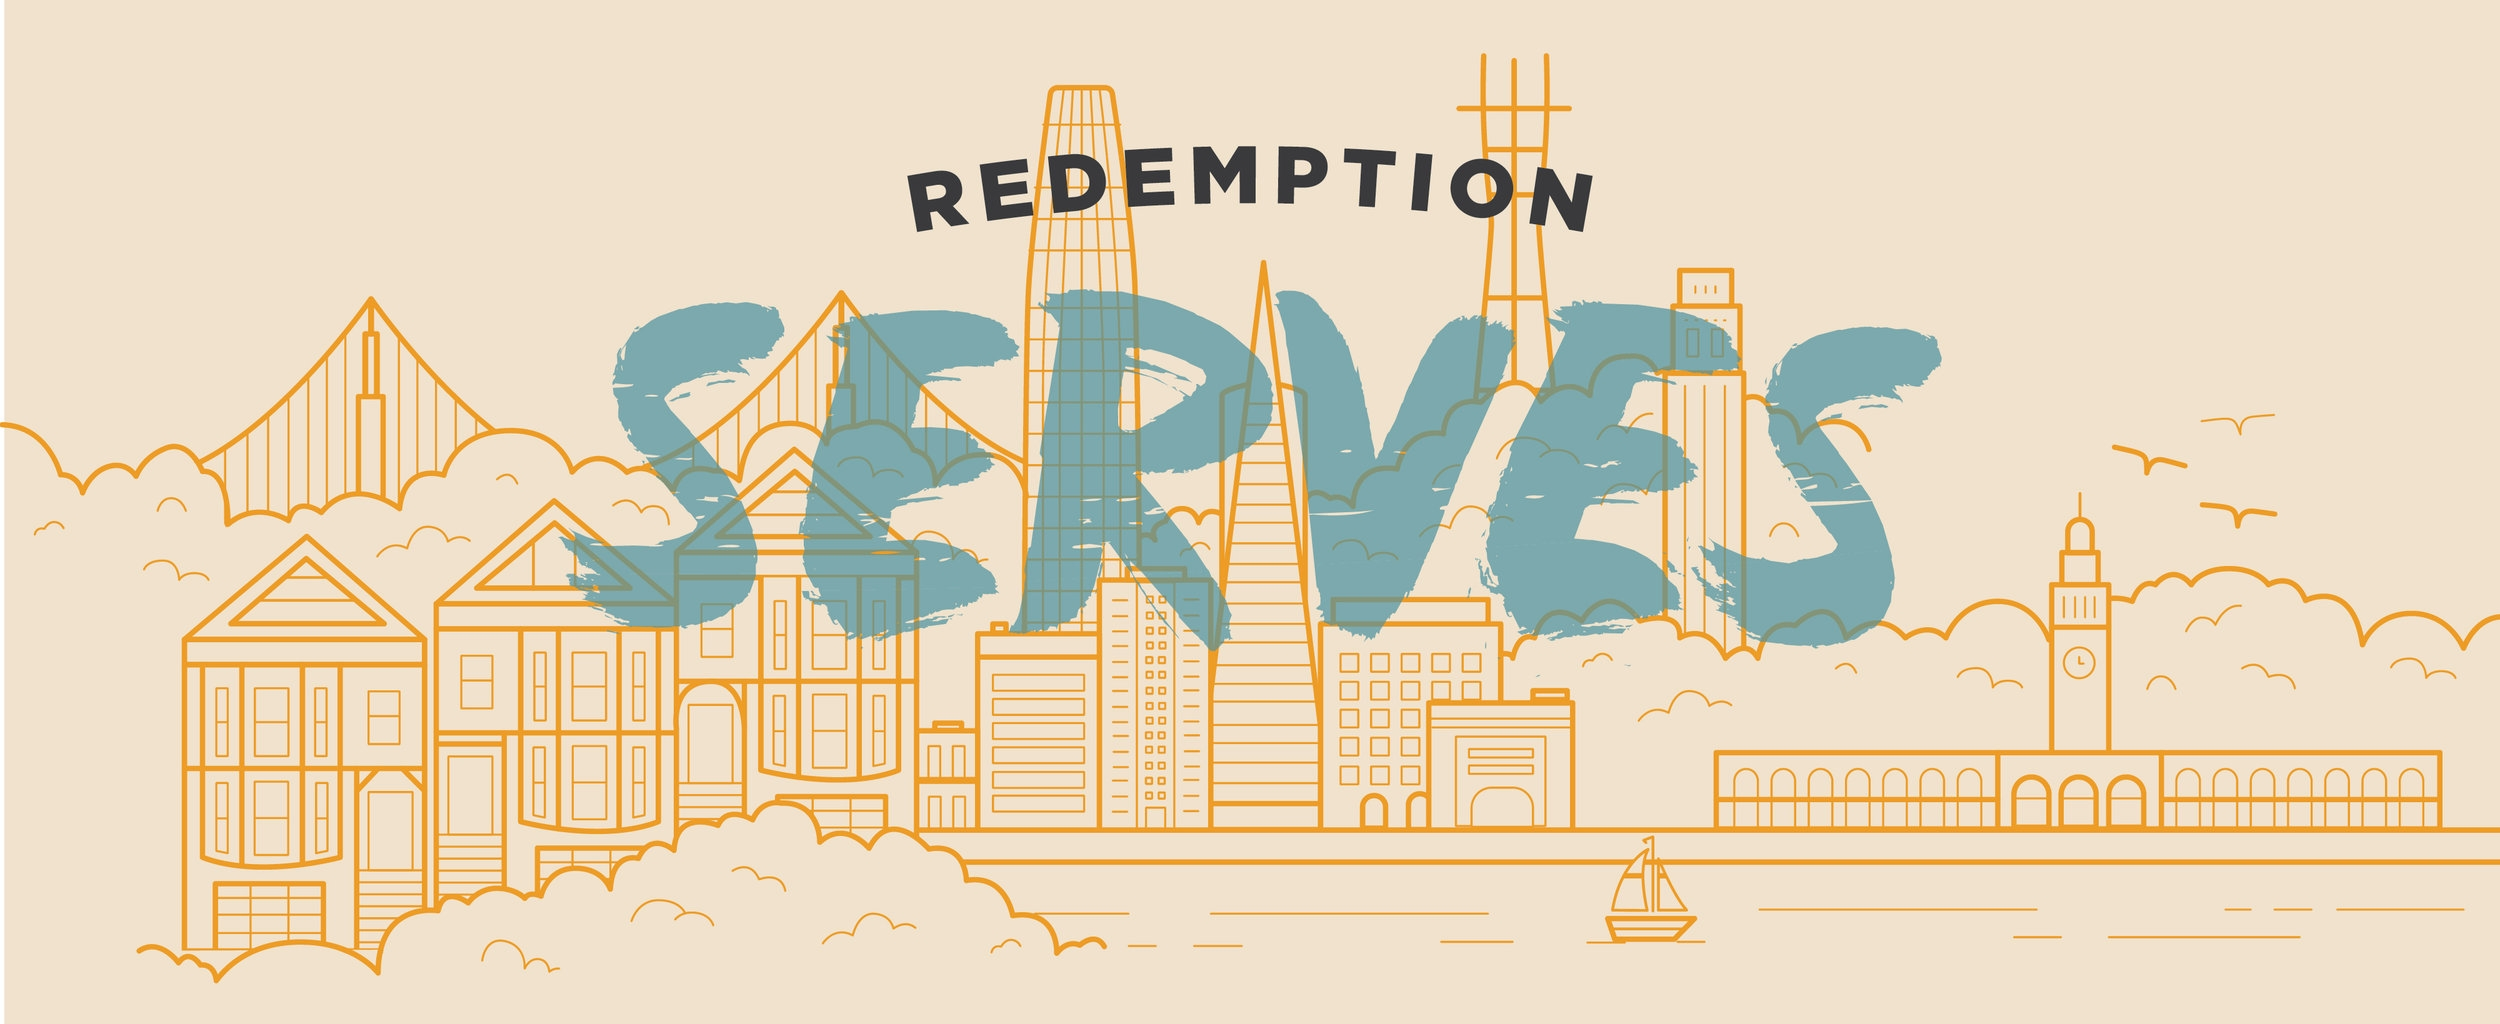 Redemption Serves-1.jpg